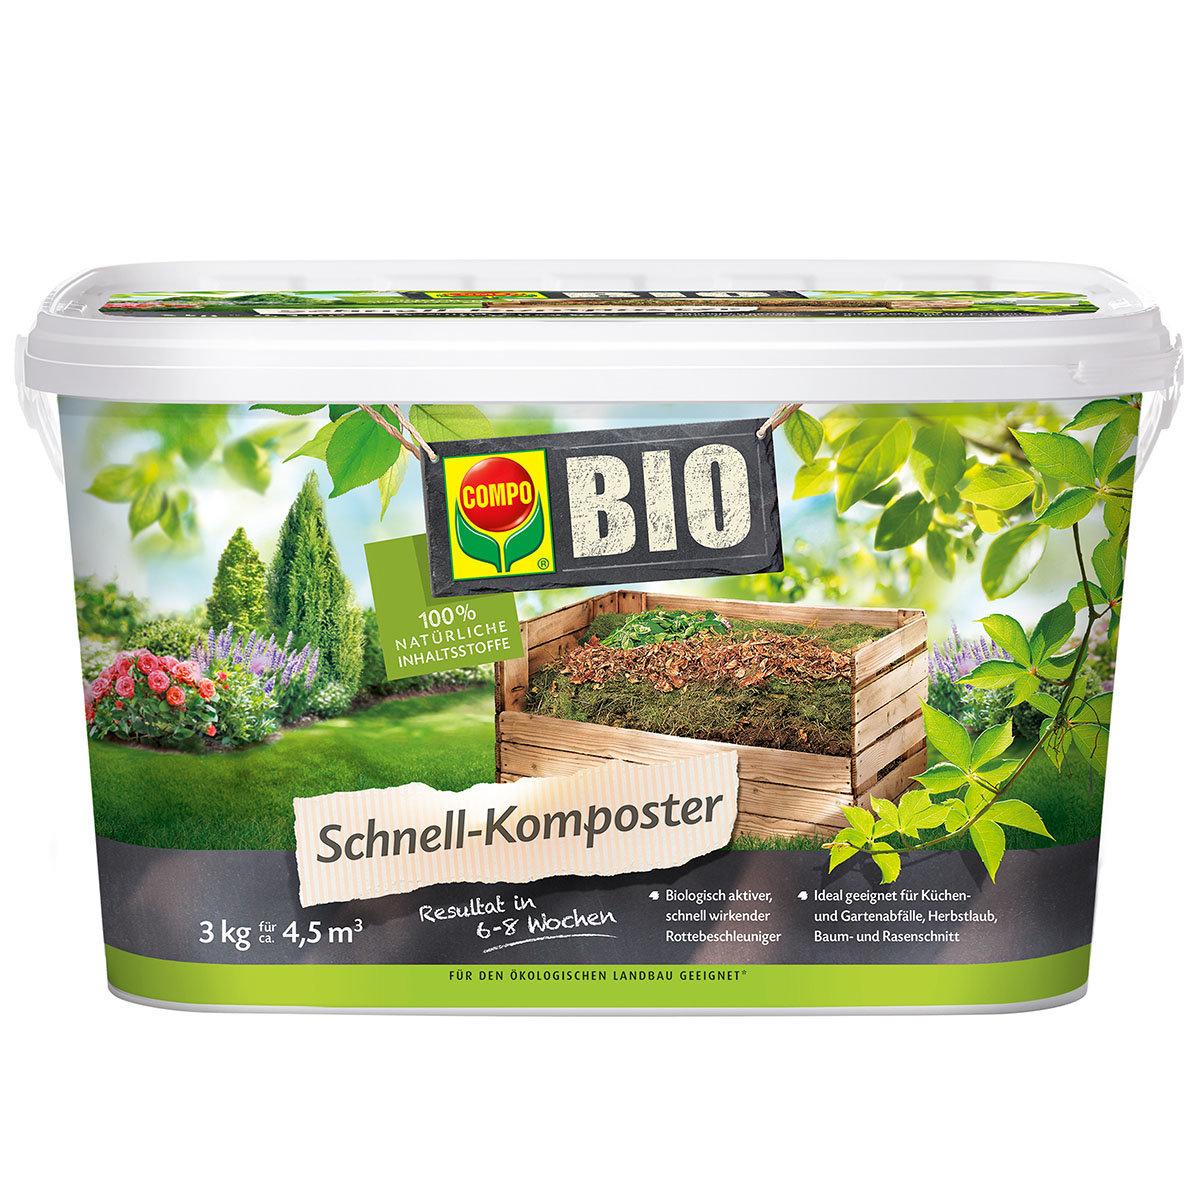 BIO Schnell-Komposter, 3 kg